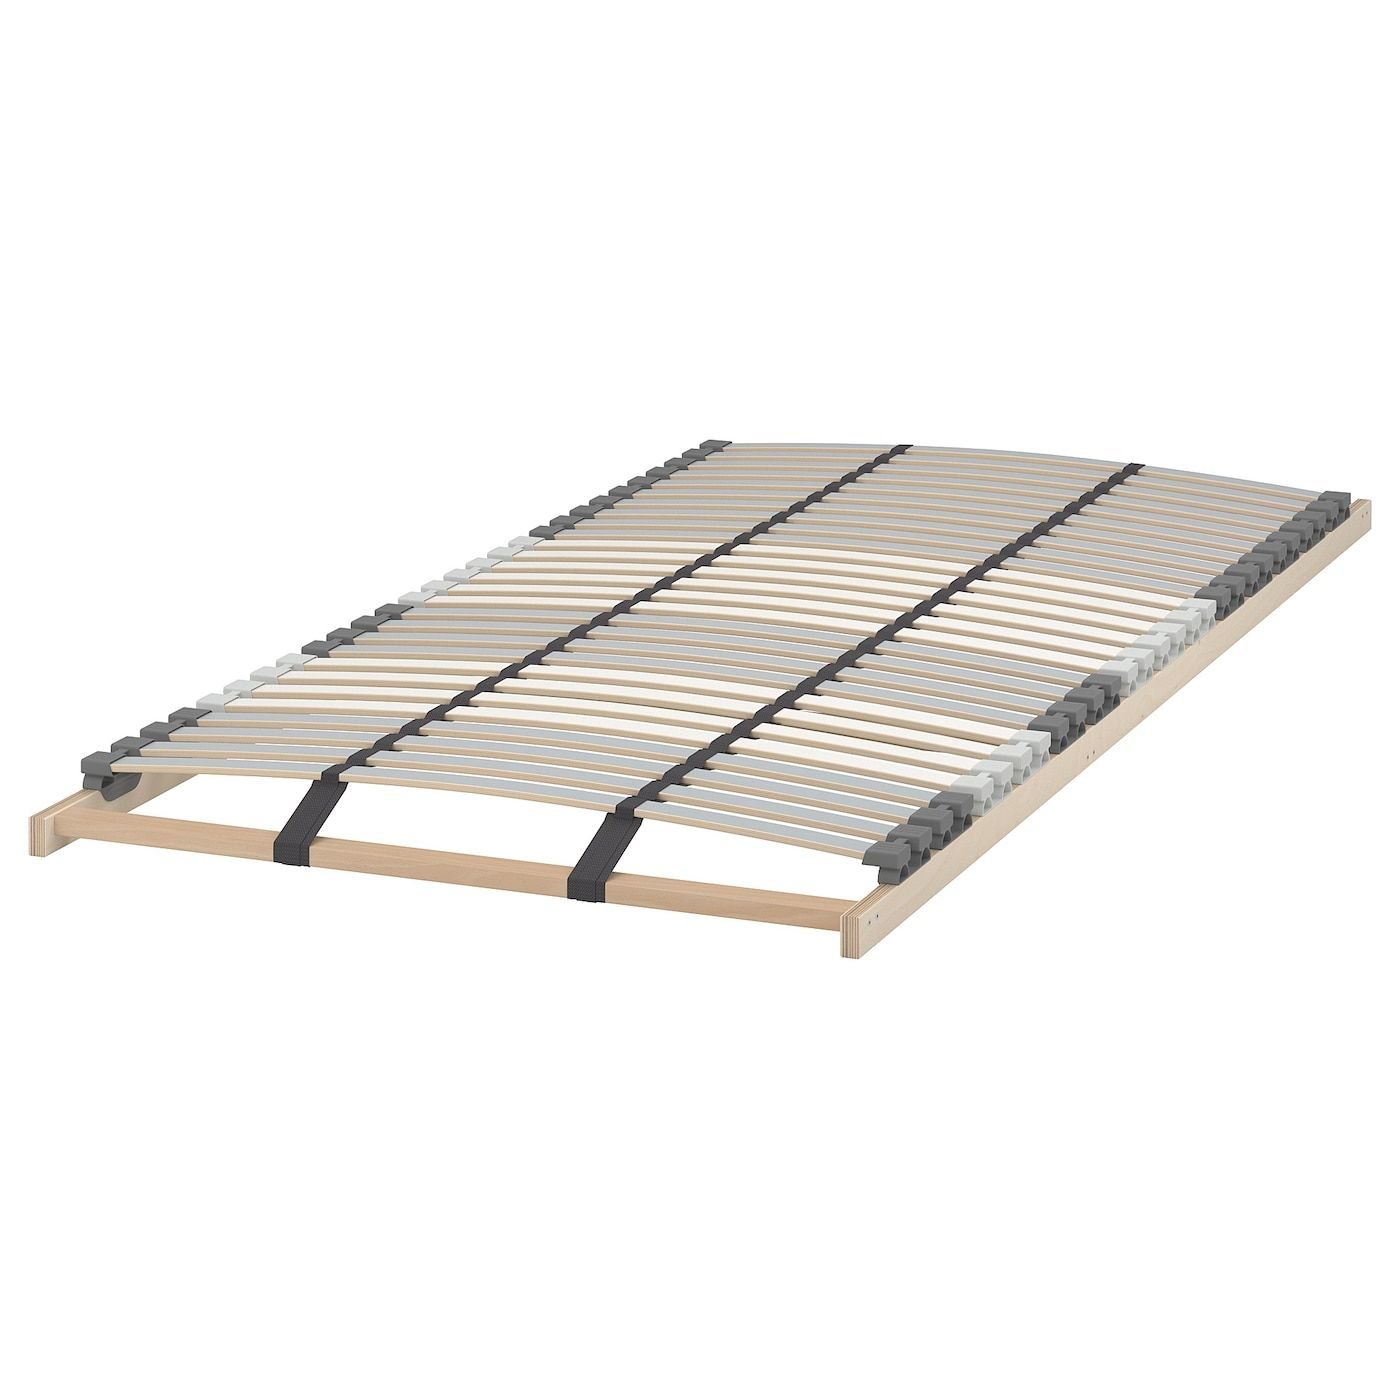 Lonset Somier De Laminas 70x200 Cm In 2020 Bed Slats Bed Base Ikea Bed Frames